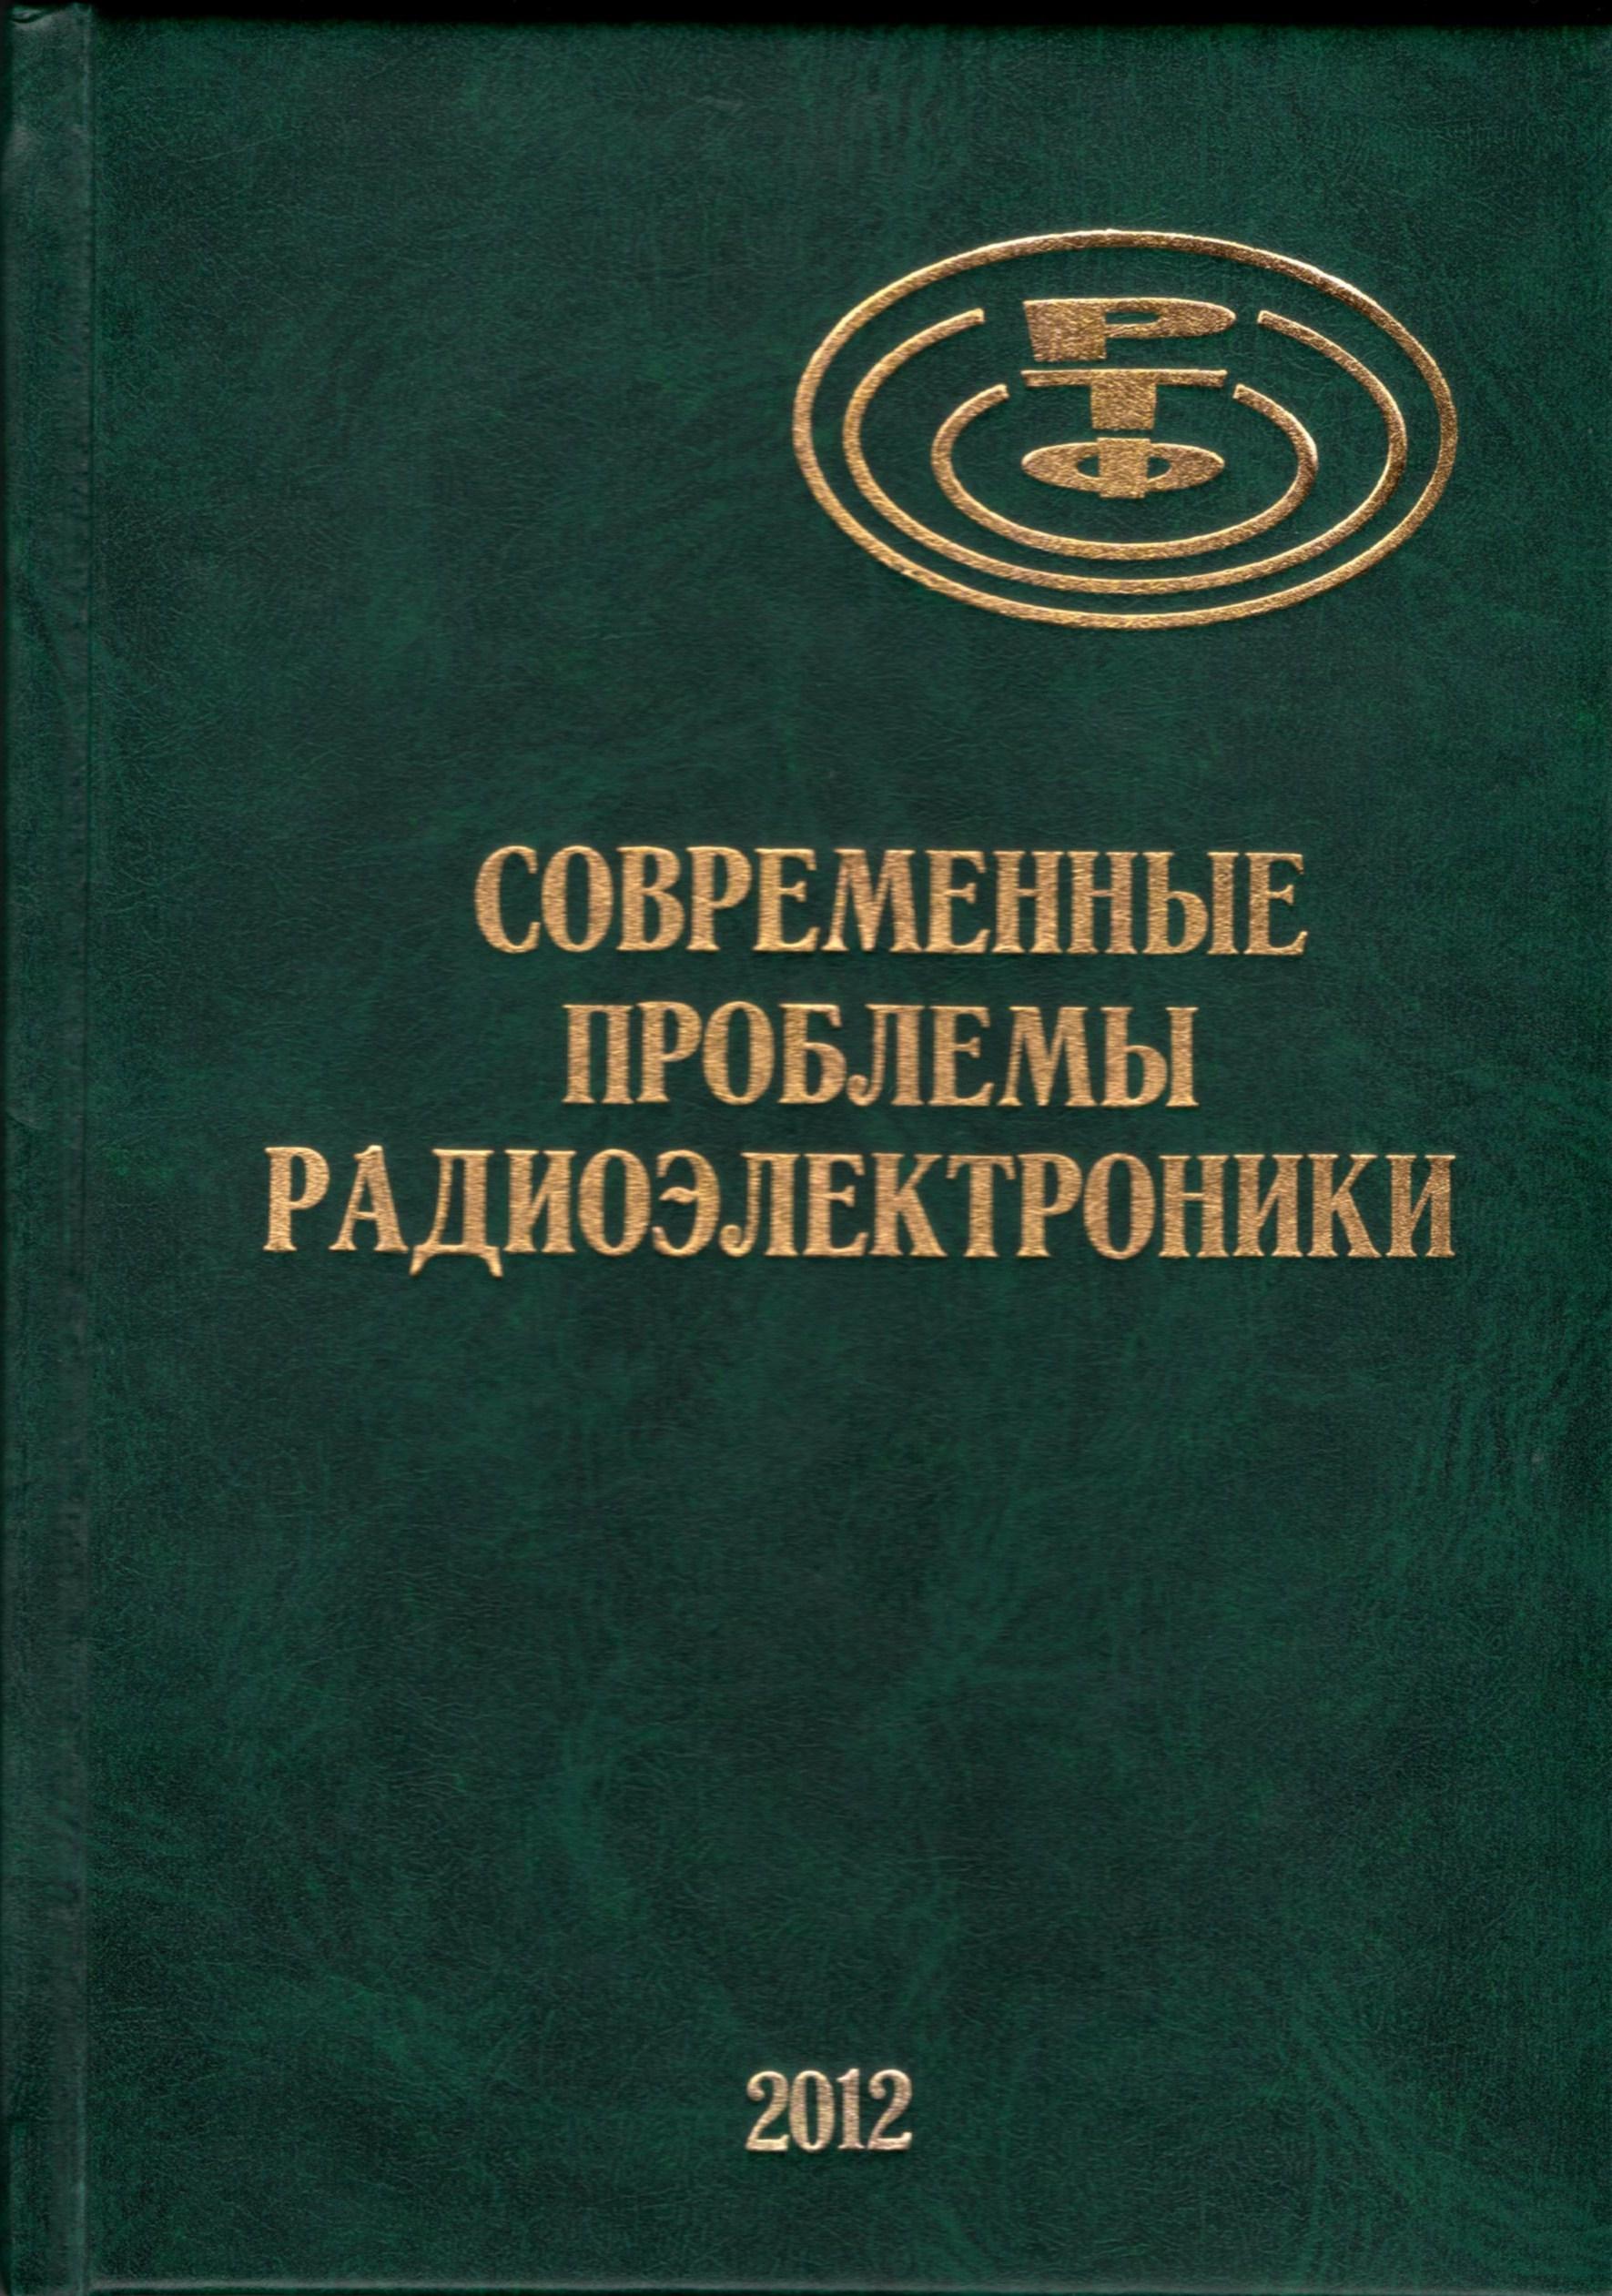 Современные проблемы радиоэлектроники: сб. науч. тр.